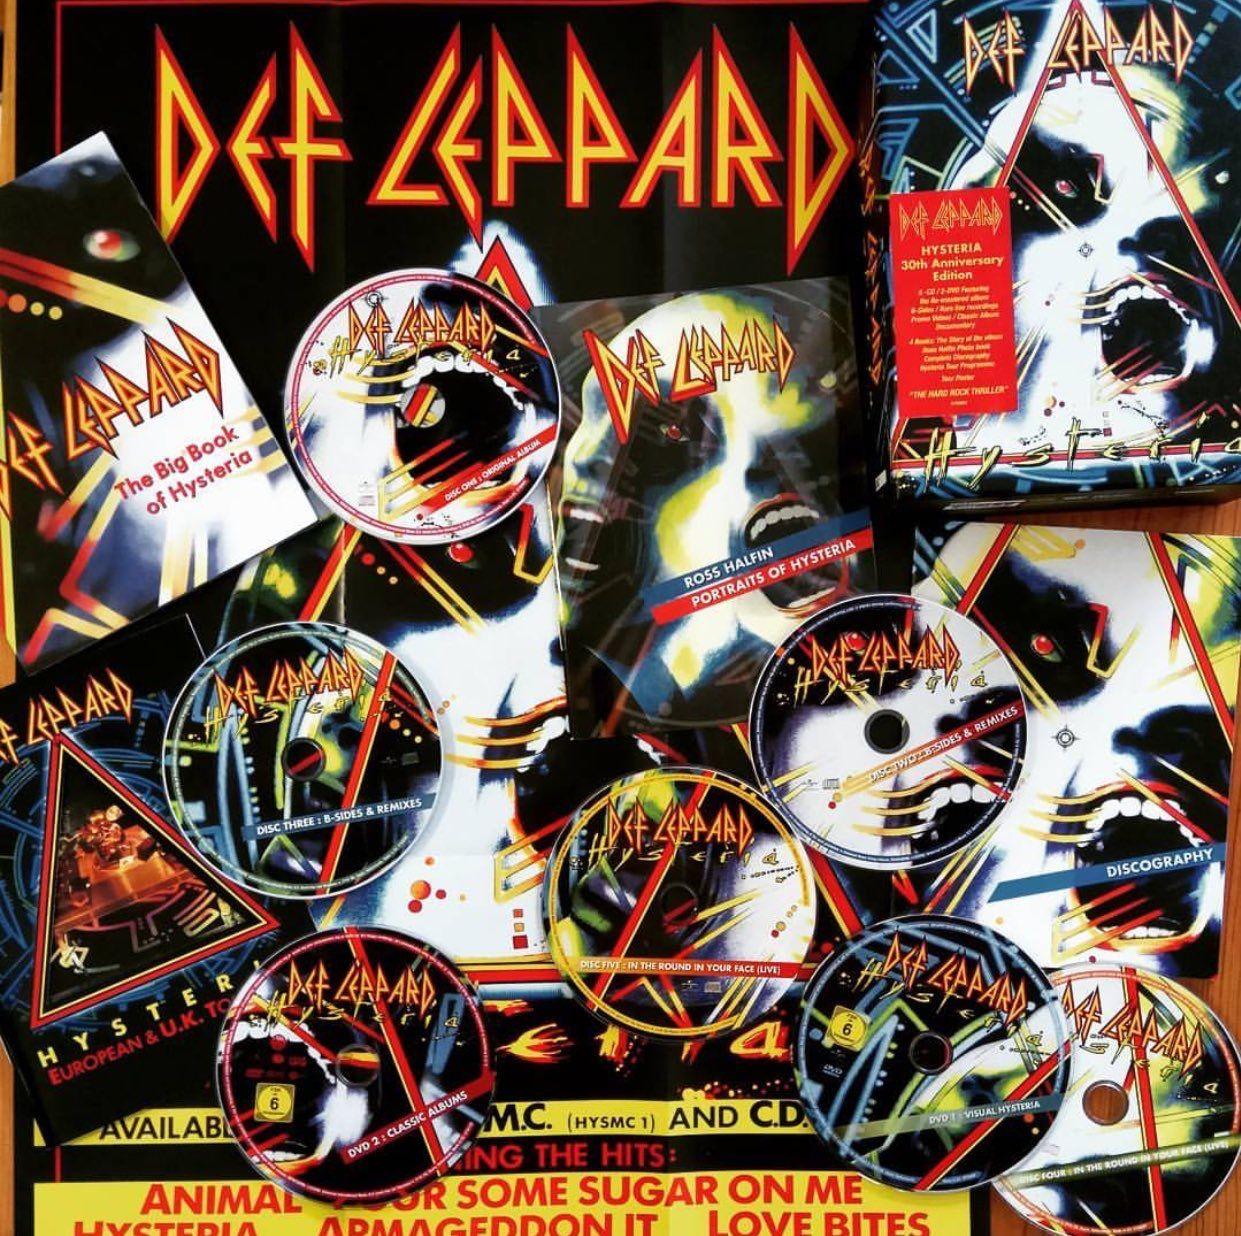 Hysteria Def Leppard Art Rock And Roll Fantasy Def Leppard